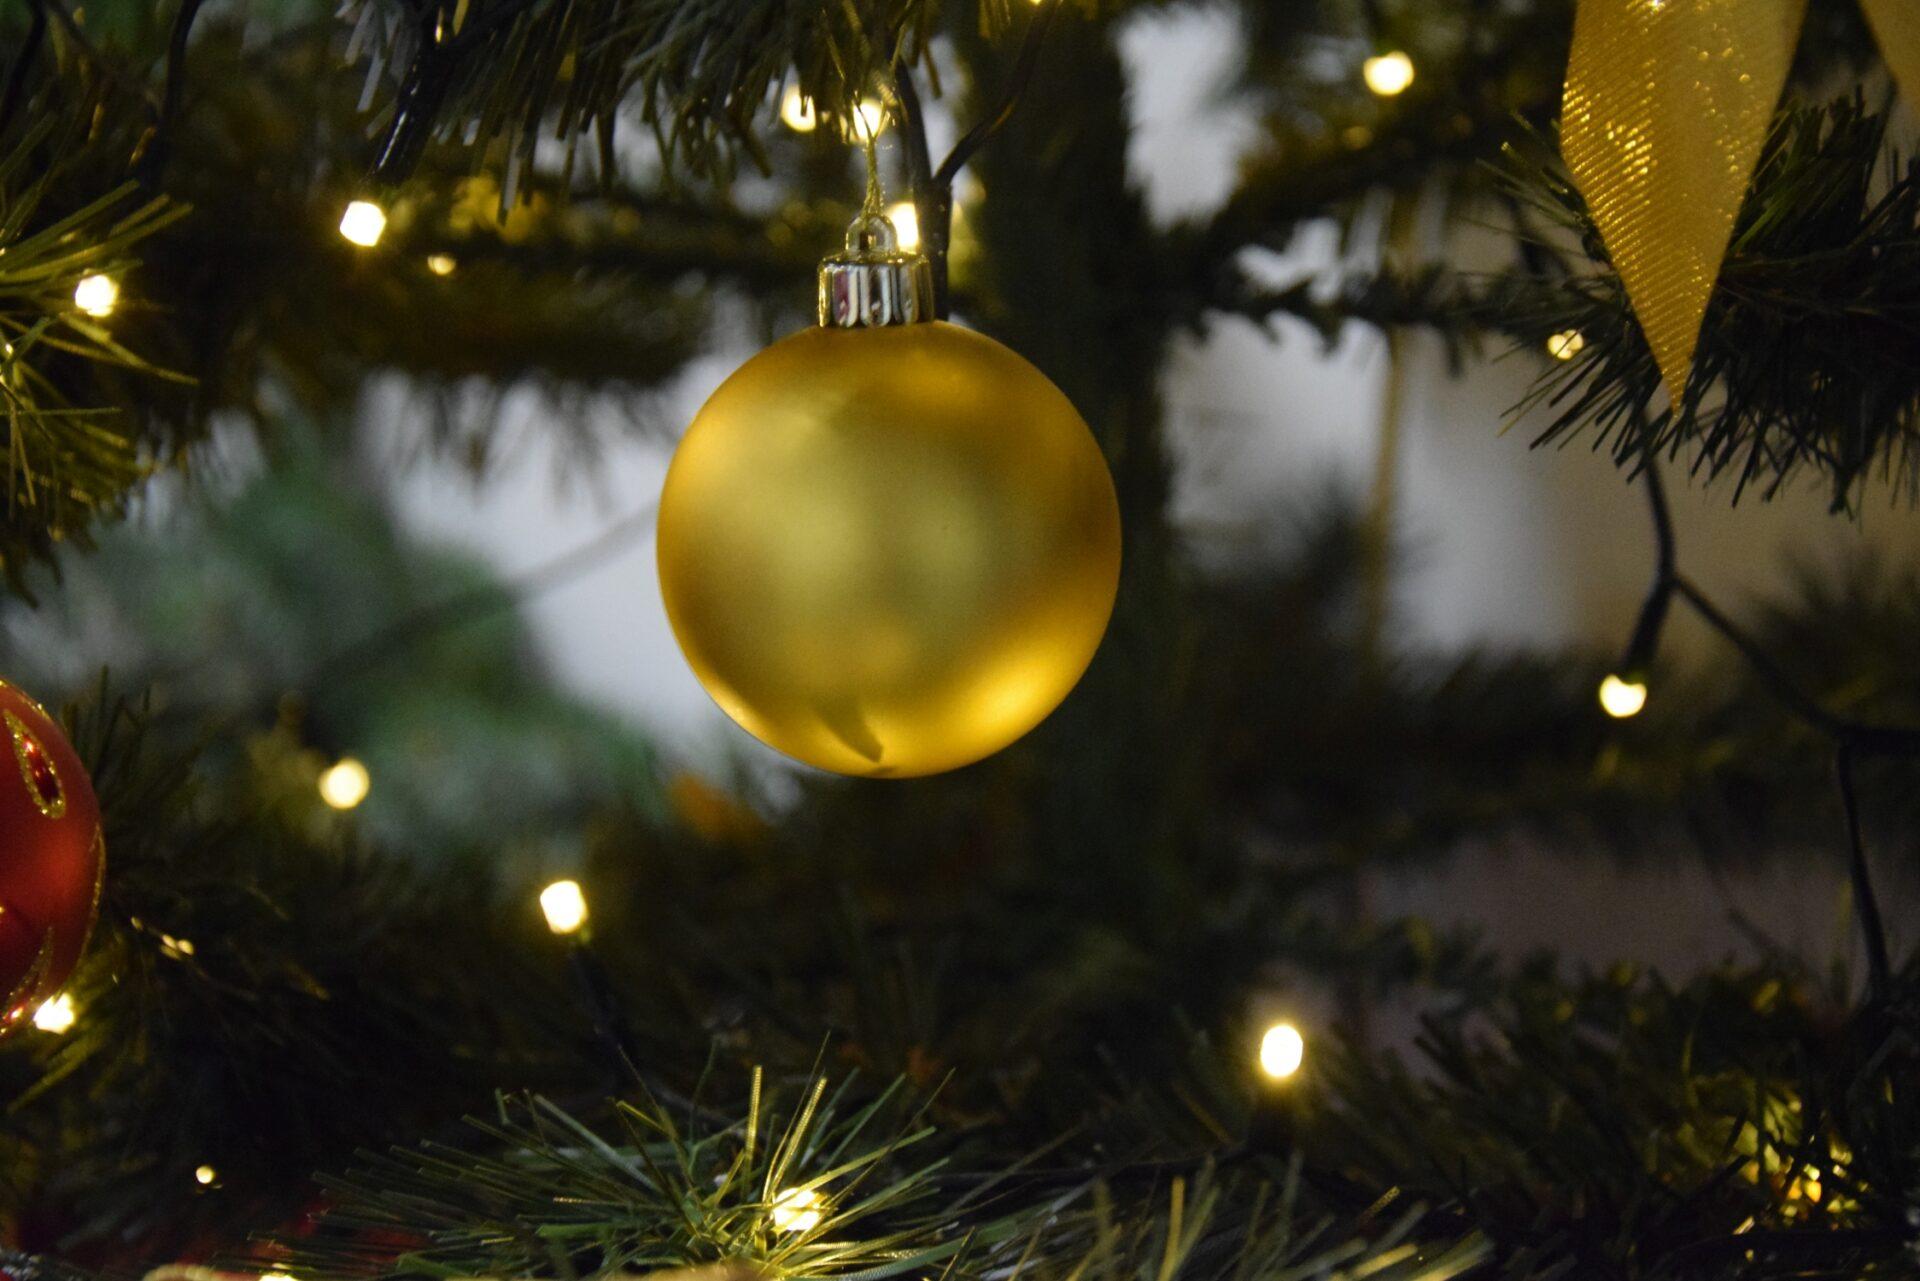 XV Jarmark Bożonarodzeniowy<br>7.11.2021 – 18.12.2021